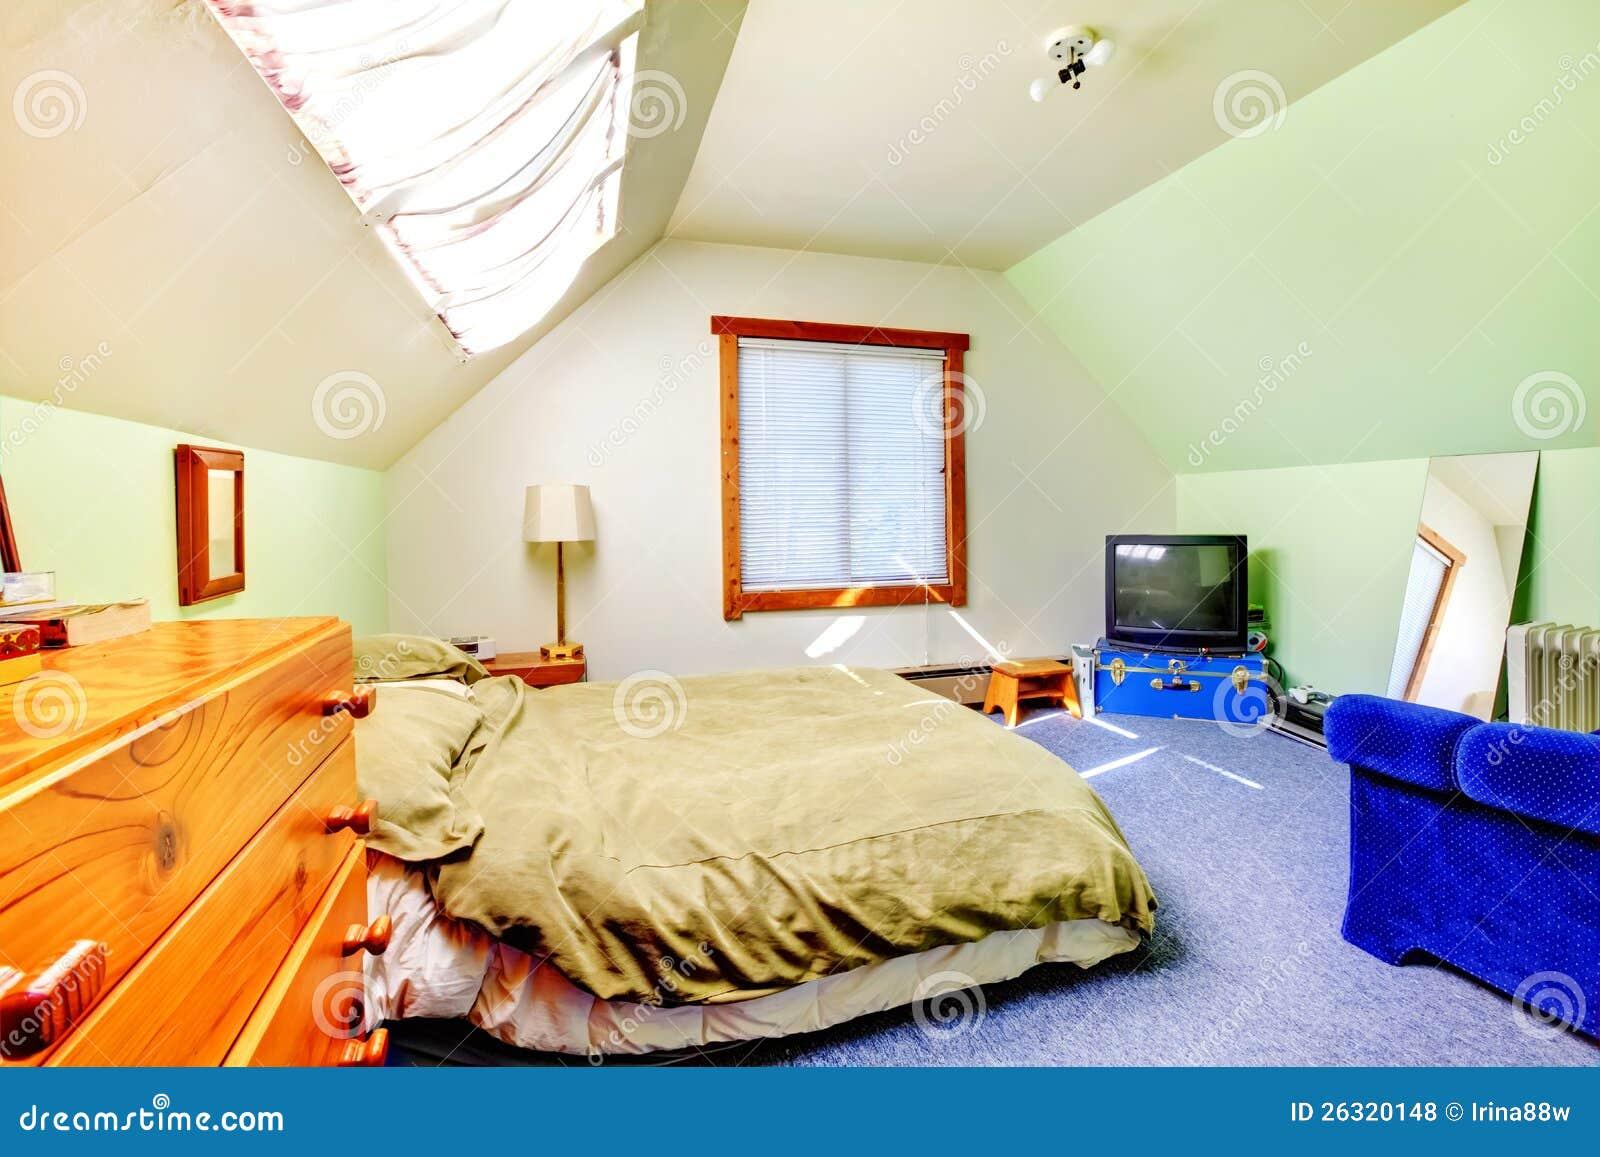 Zolder grote heldere eenvoudige slaapkamer royalty vrije for 3d planner zolder